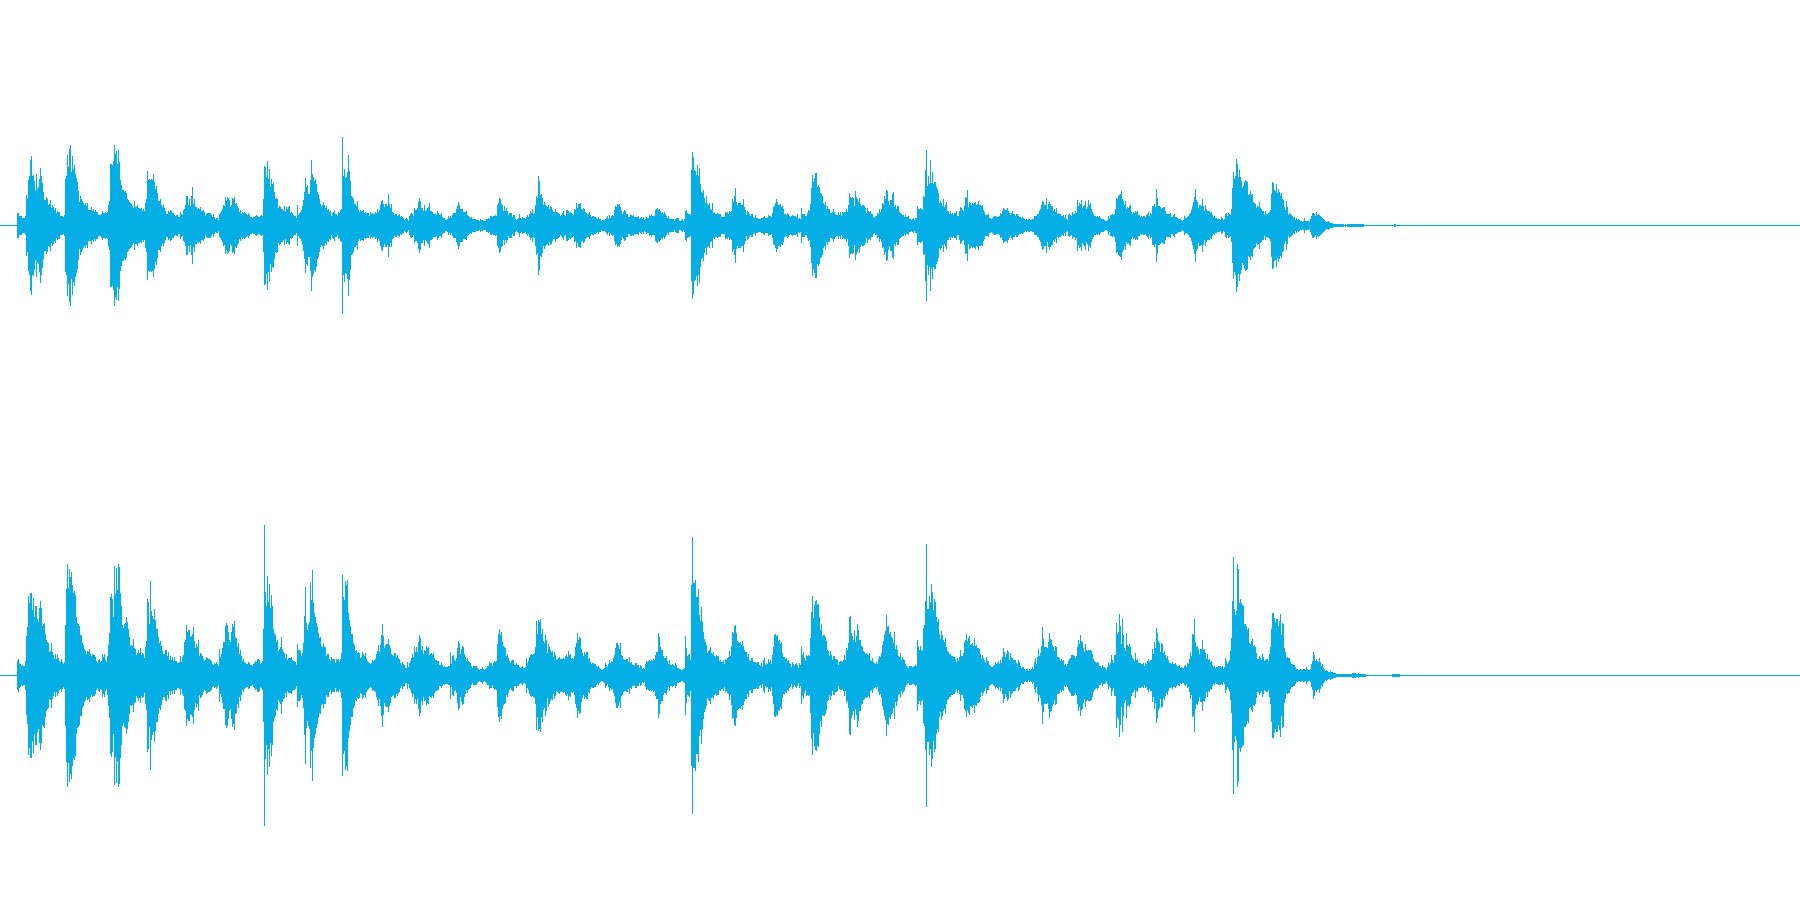 音侍「チャッパ」和製シンバルのフレーズ4の再生済みの波形